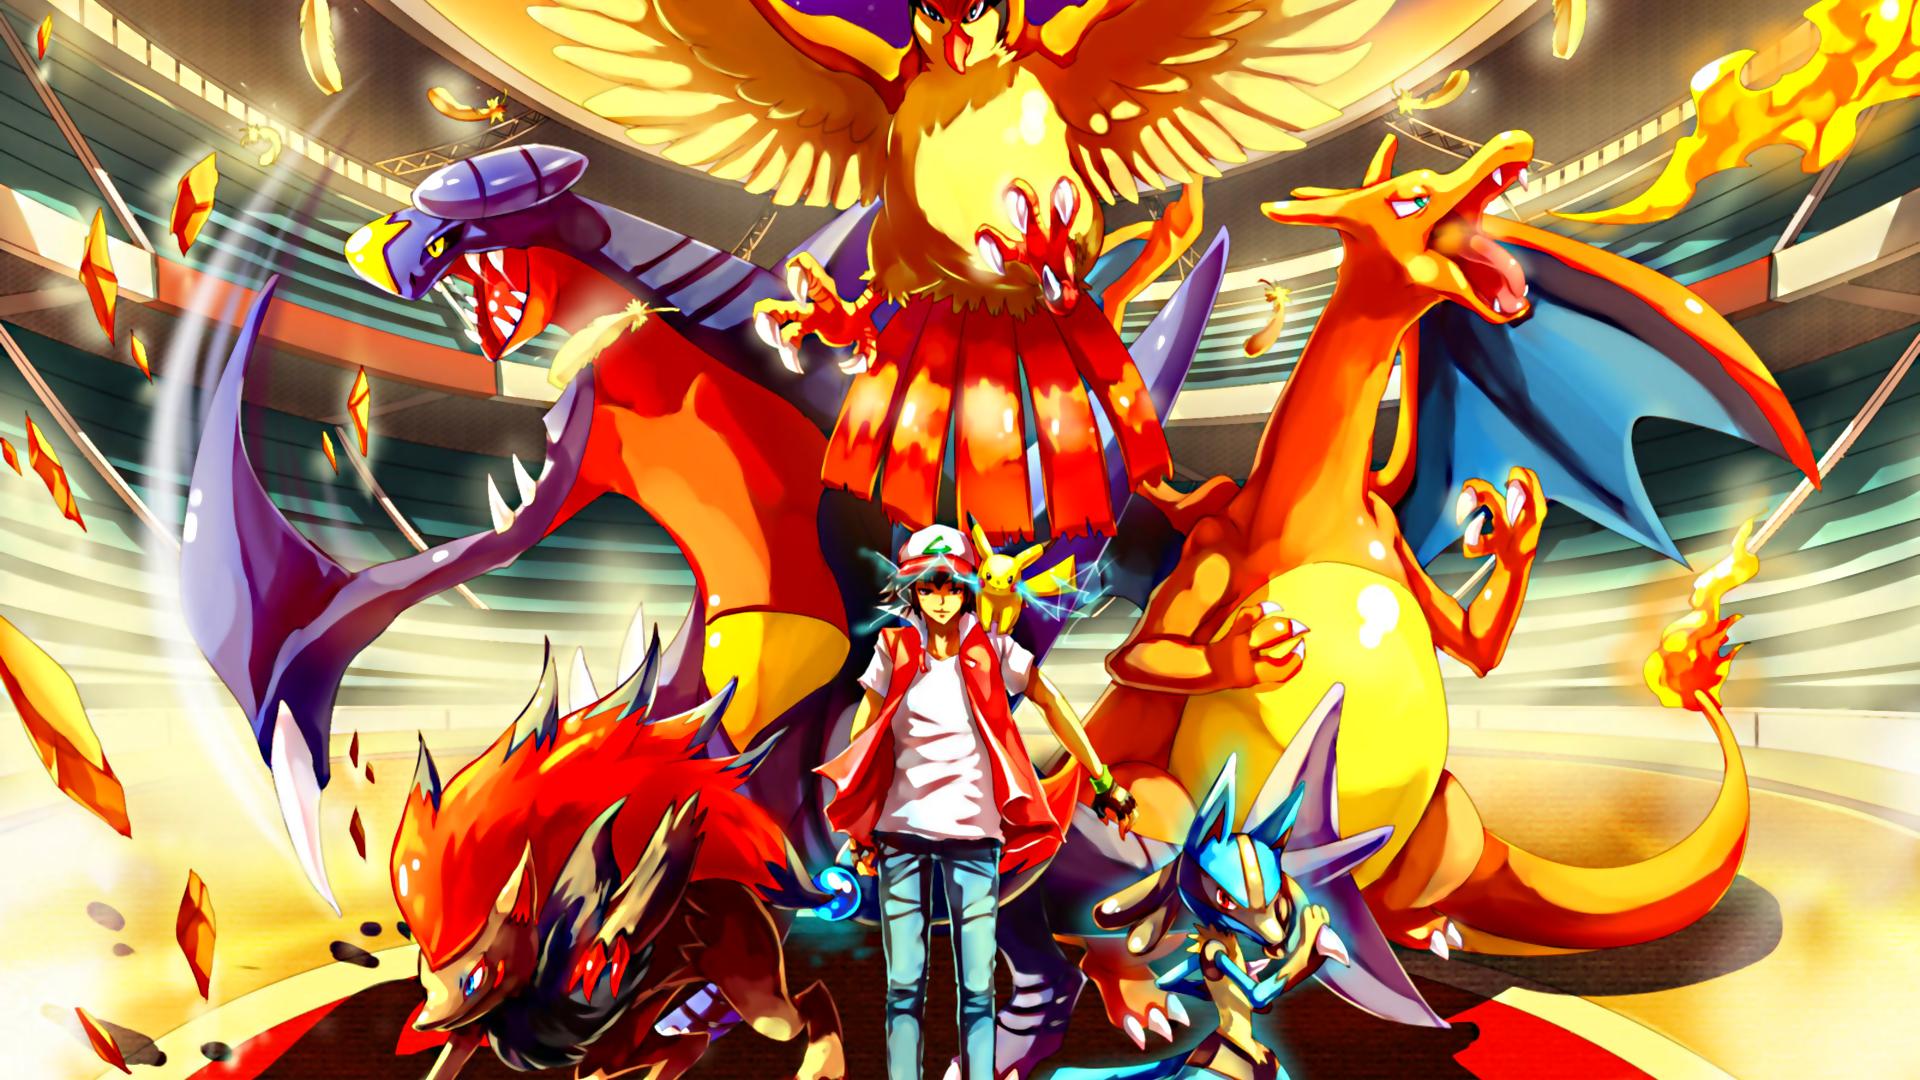 Pokemon HD Wallpaper Desktop 1920x1080